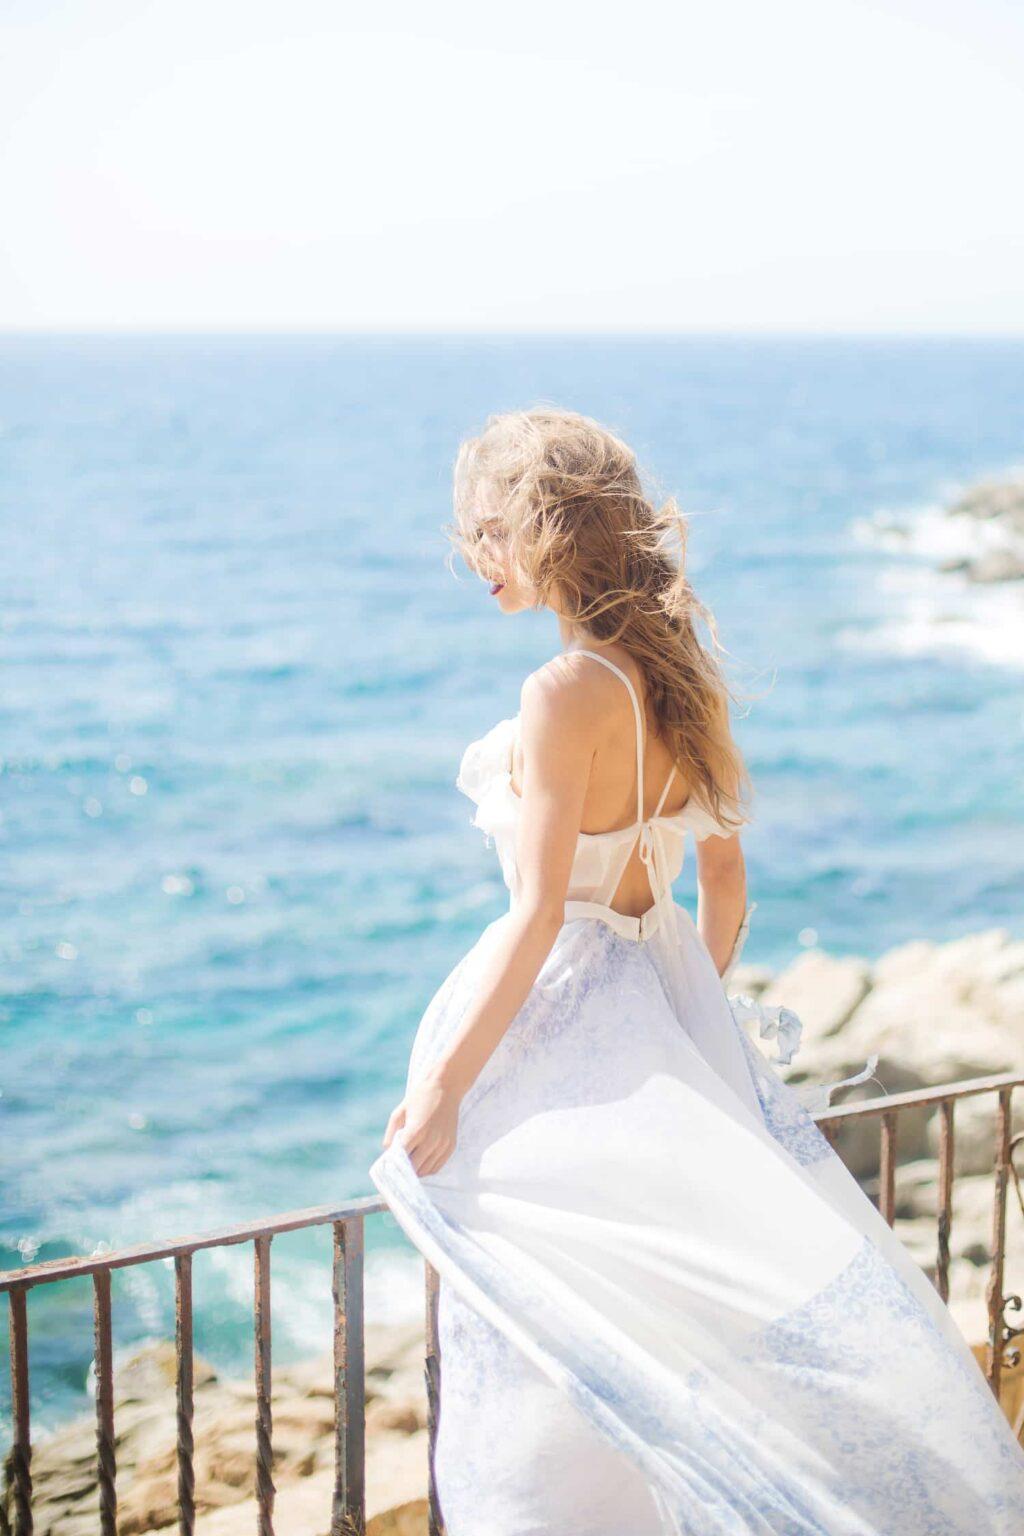 Elopement Hochzeit in Barcelona, Destinationwedding am Meer in Spanien, Hochzeitsfotograf Aschaffenburg